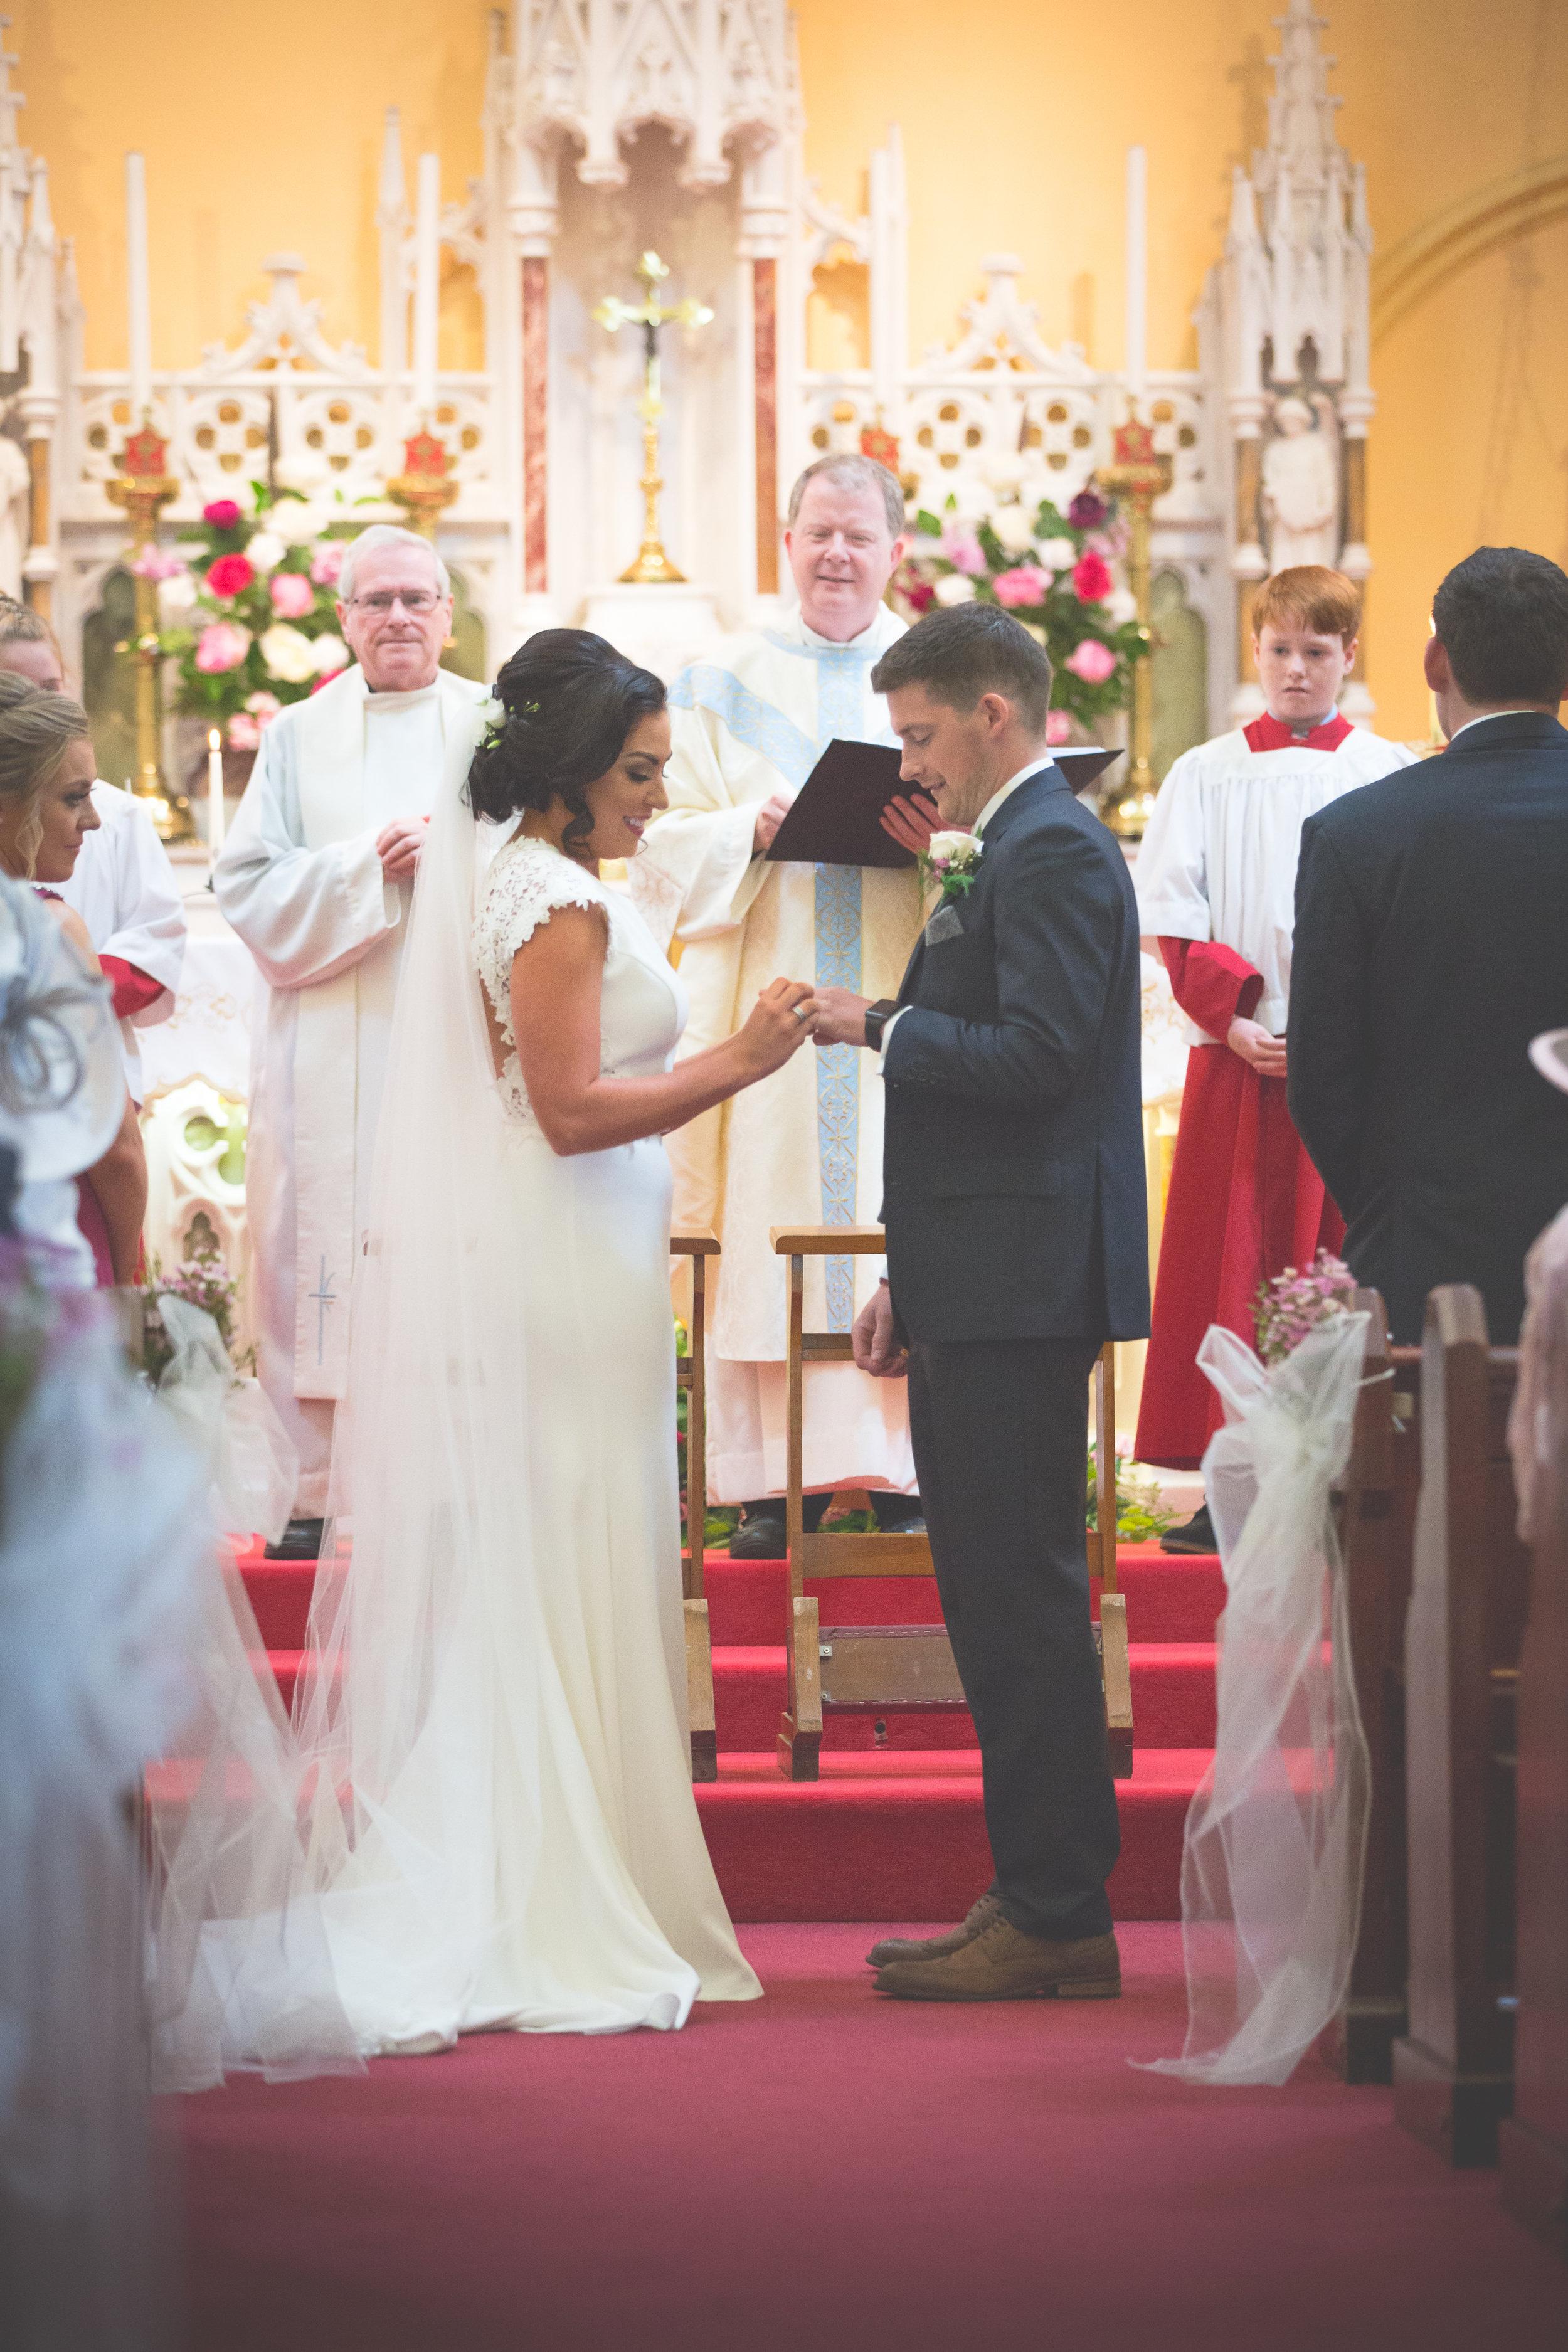 Brian McEwan Wedding Photography   Carol-Anne & Sean   The Ceremony-48.jpg